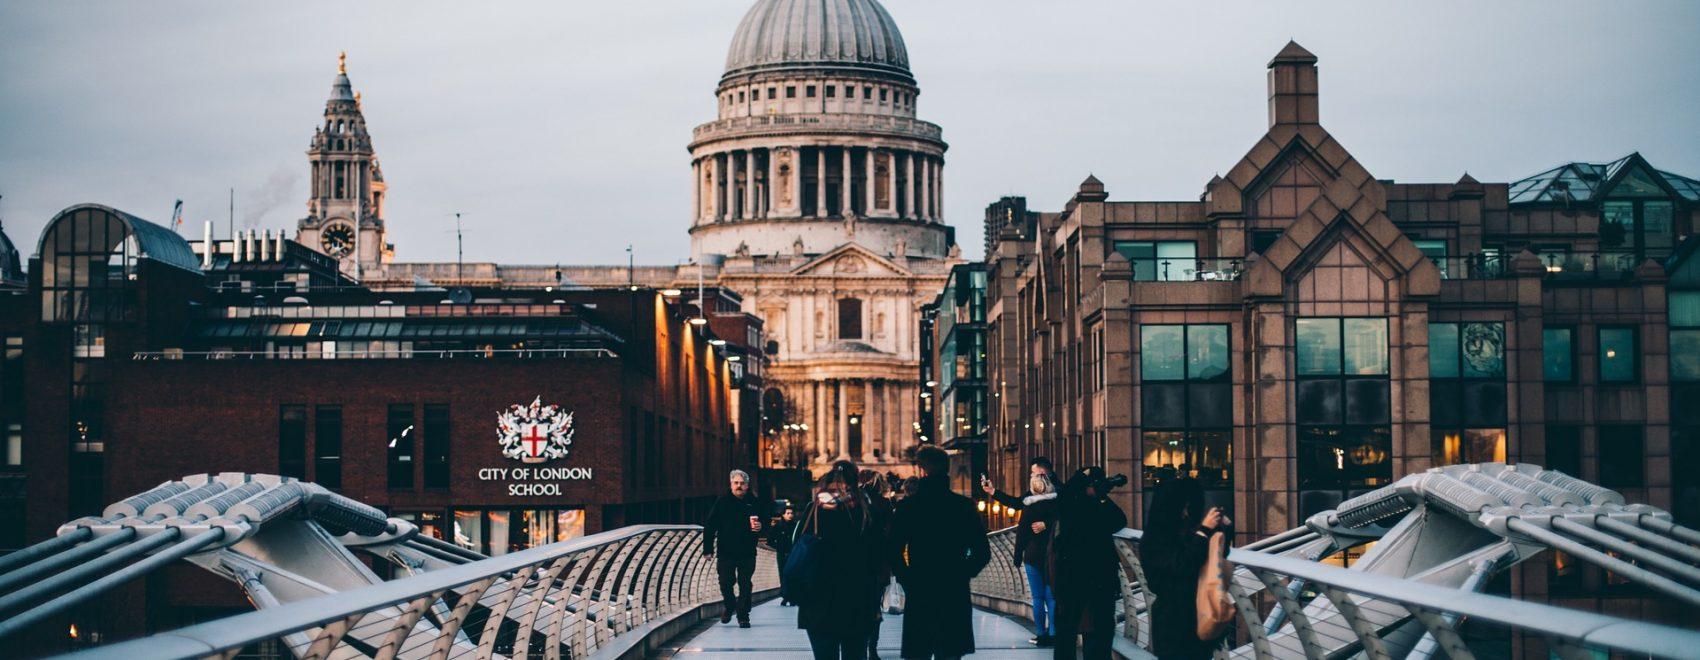 urban culture in london